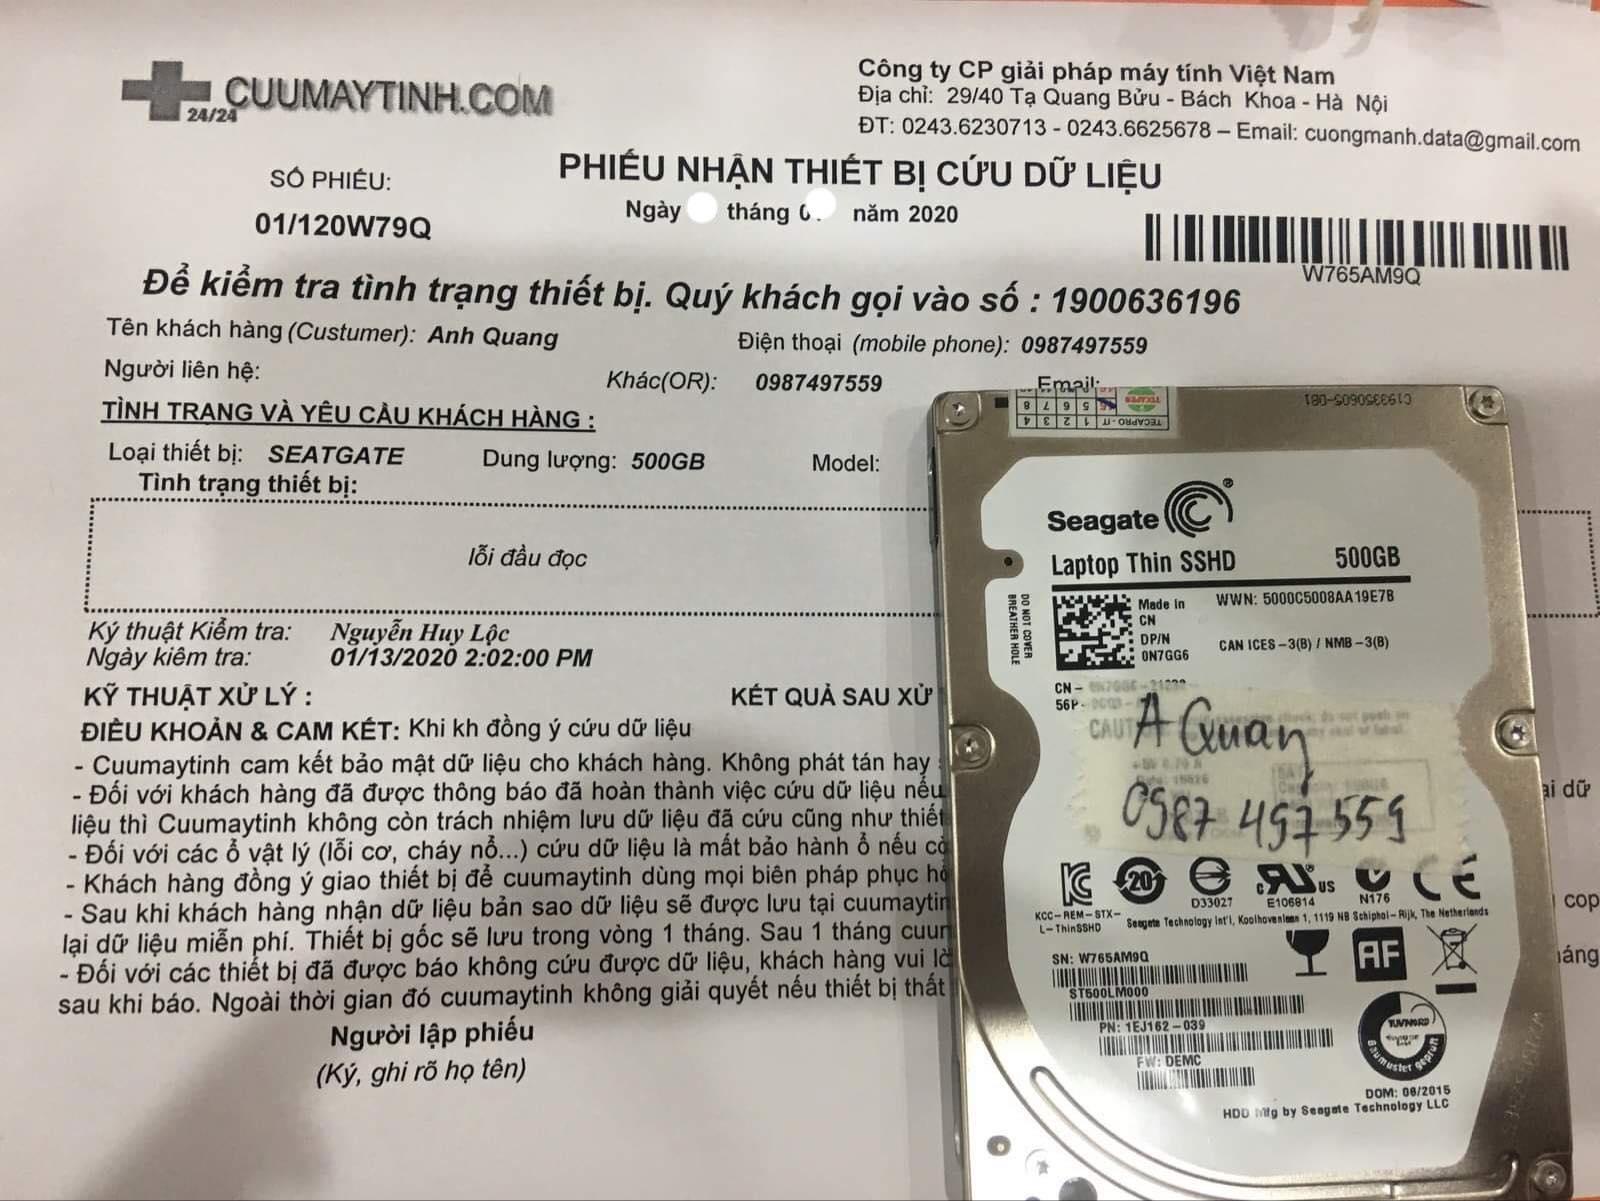 Lấy dữ liệu ổ cứng Seagate 500GB lỗi đầu đọc 07/02/2020 - cuumaytinh